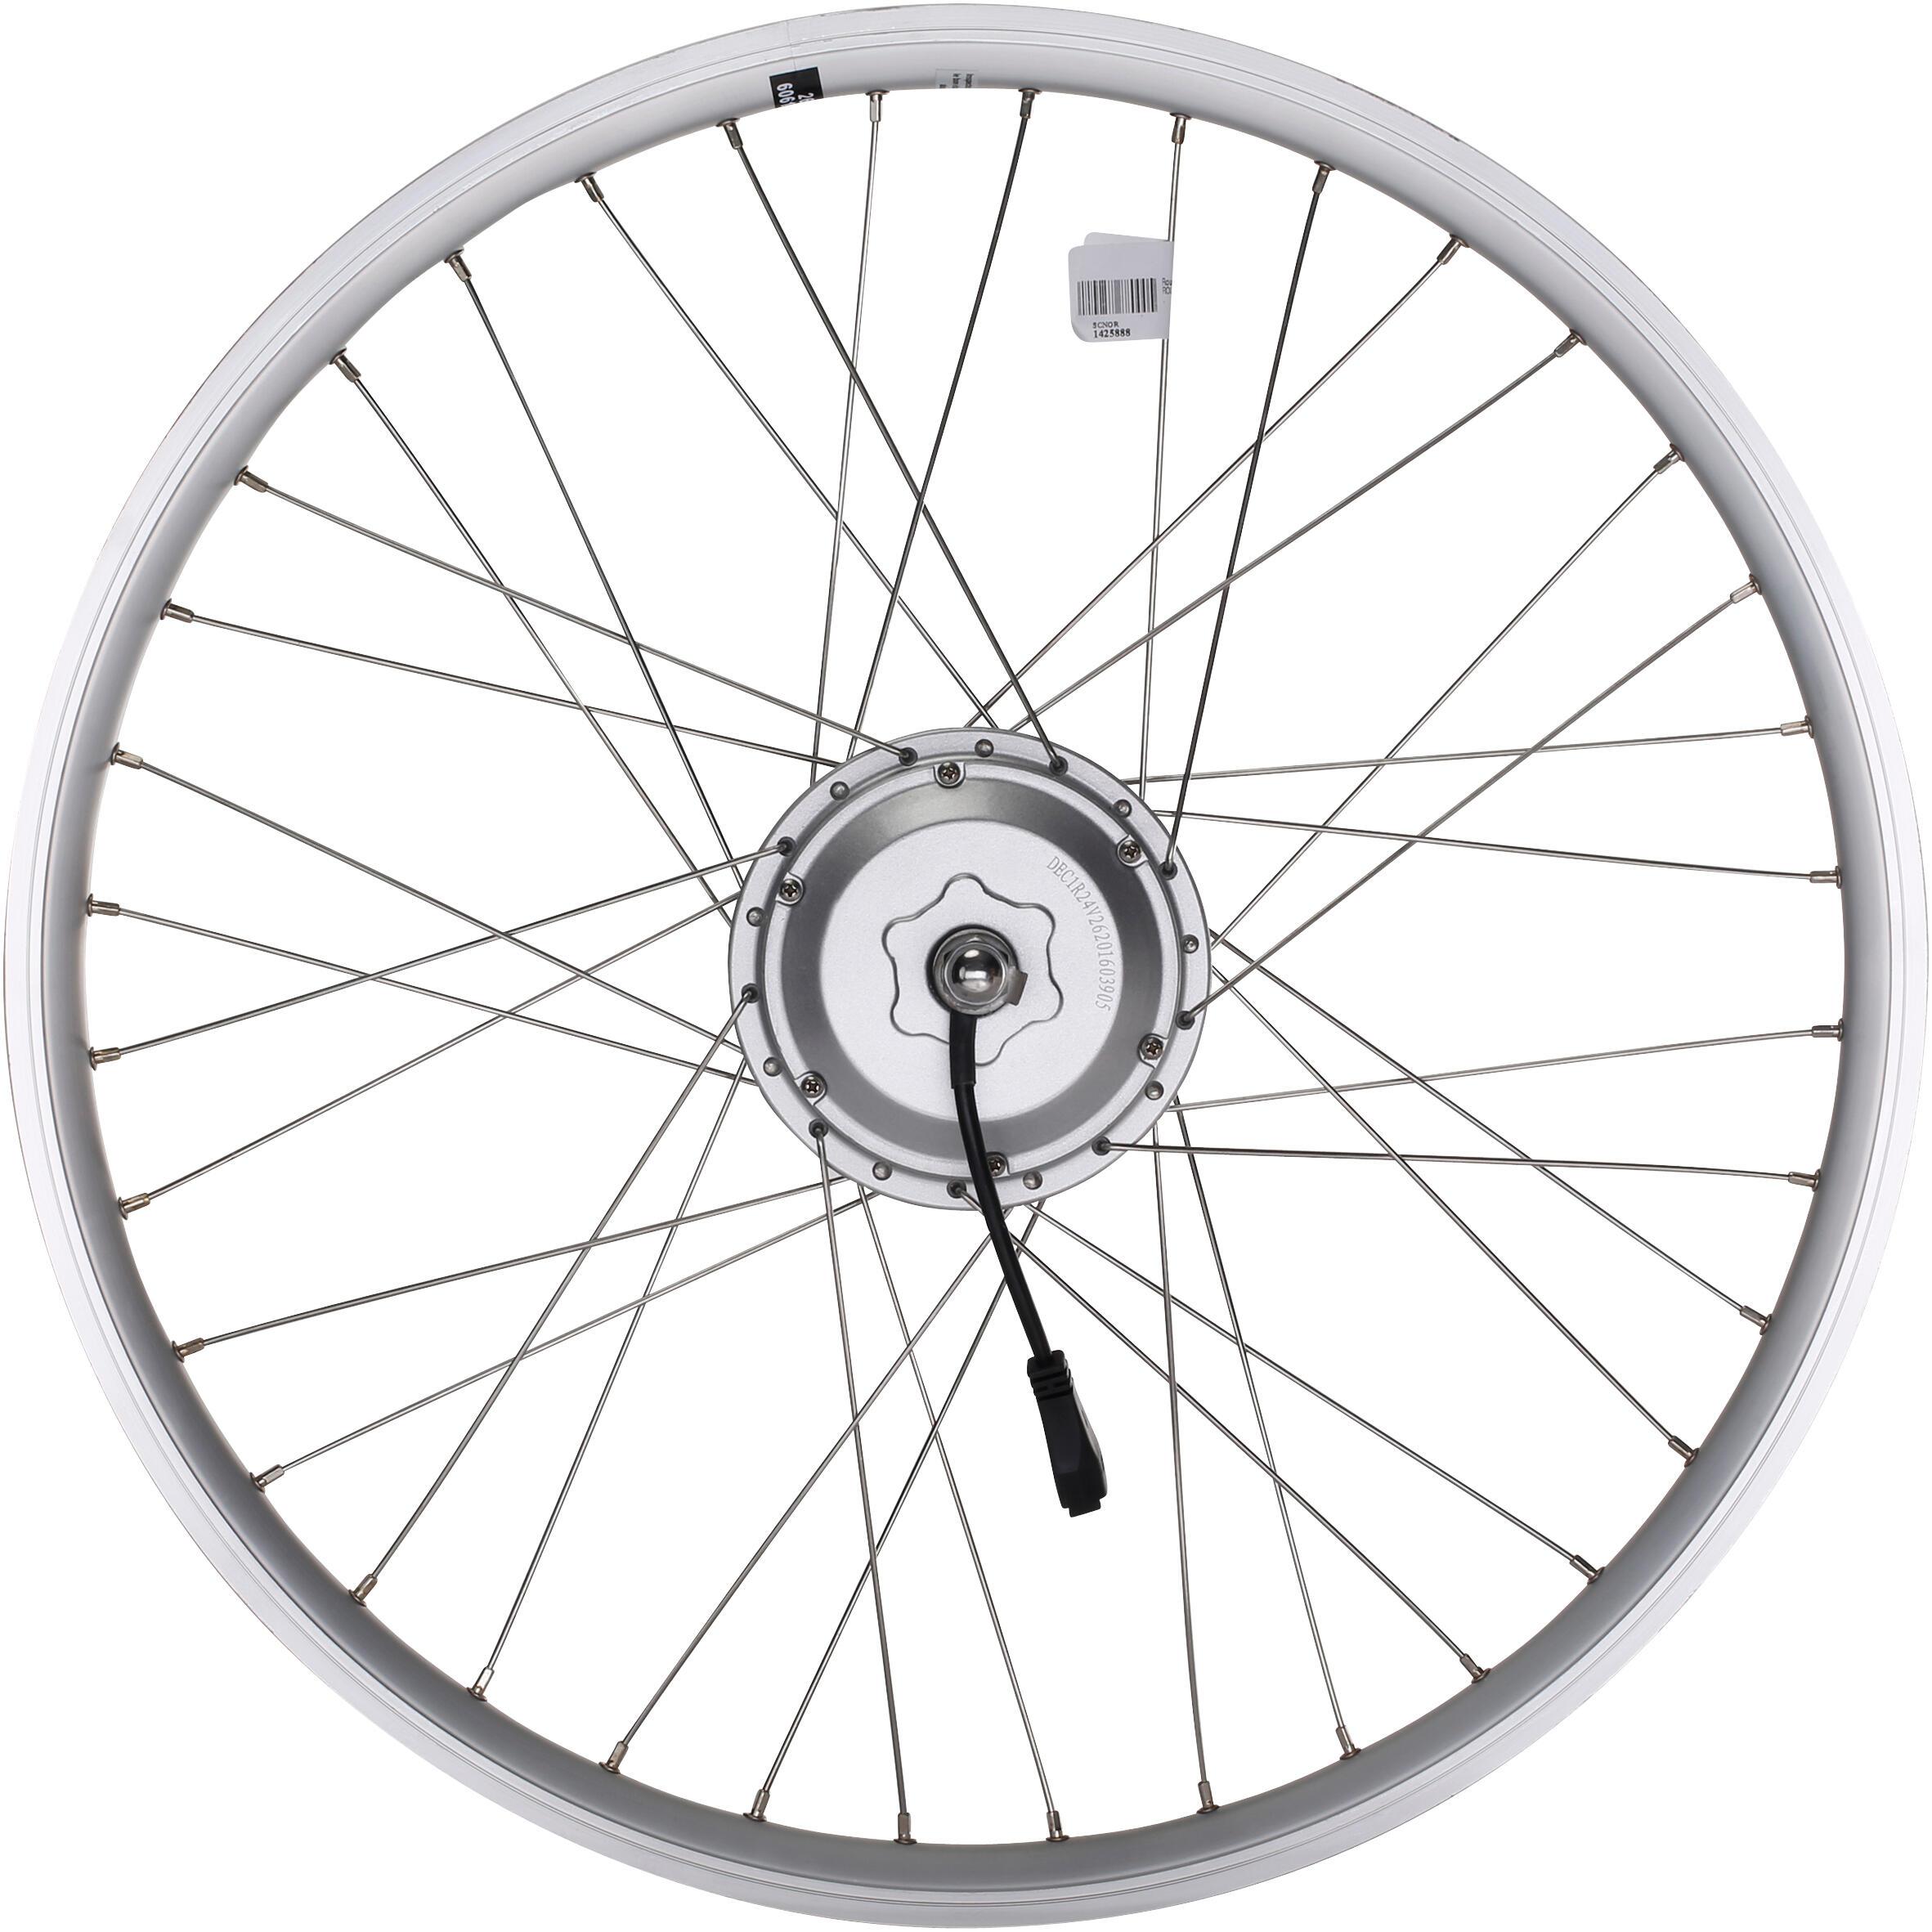 elops ruota posteriore bici ad assistenza elettrica 26 pollici bebike 5